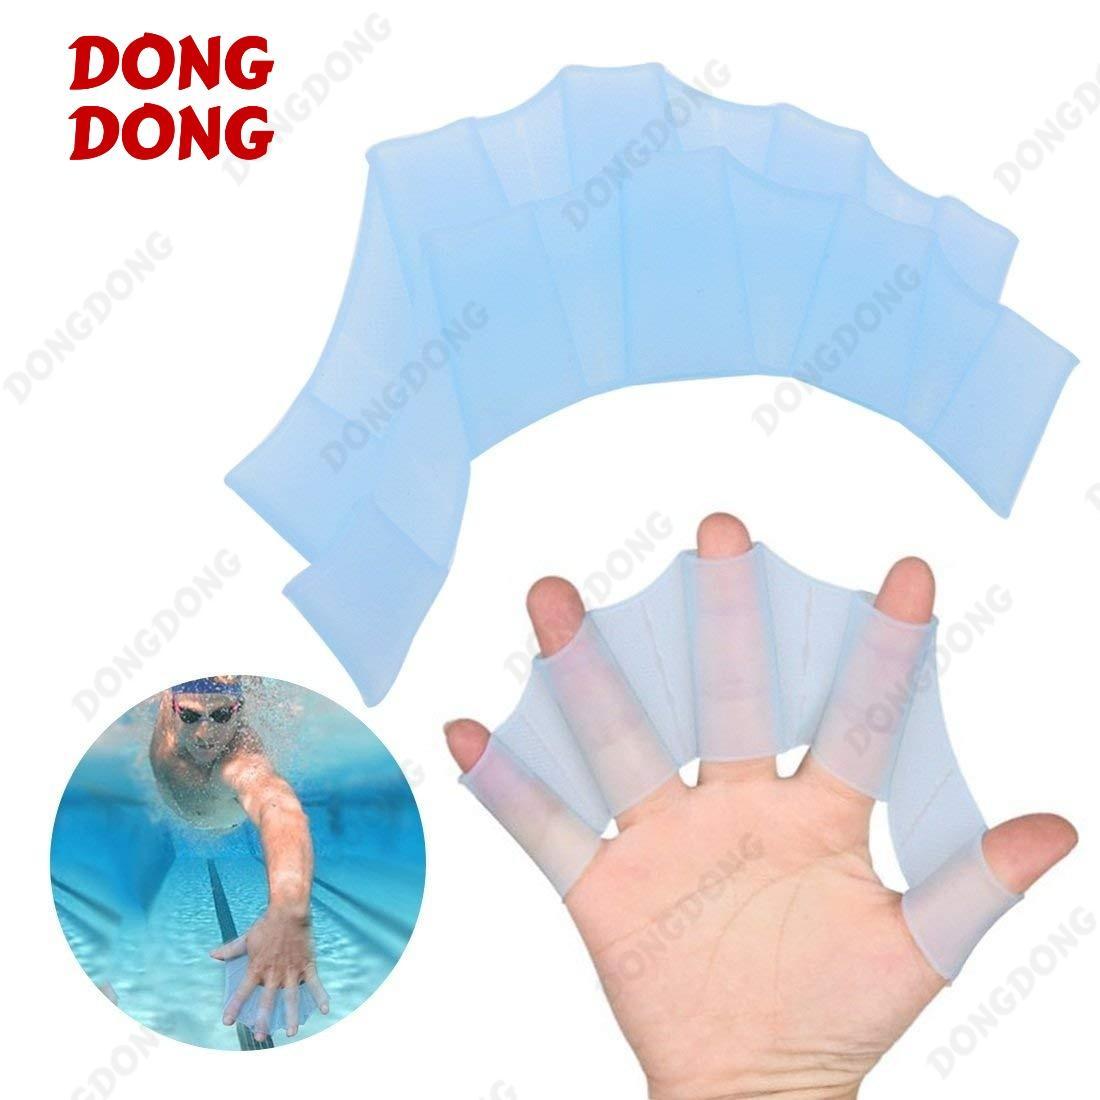 Hình ảnh Màng tay nhái - Bộ 2 chiếc găng tay nhái hỗ trợ bơi lội, chất liệu silicone cao cấp - DONGDONG